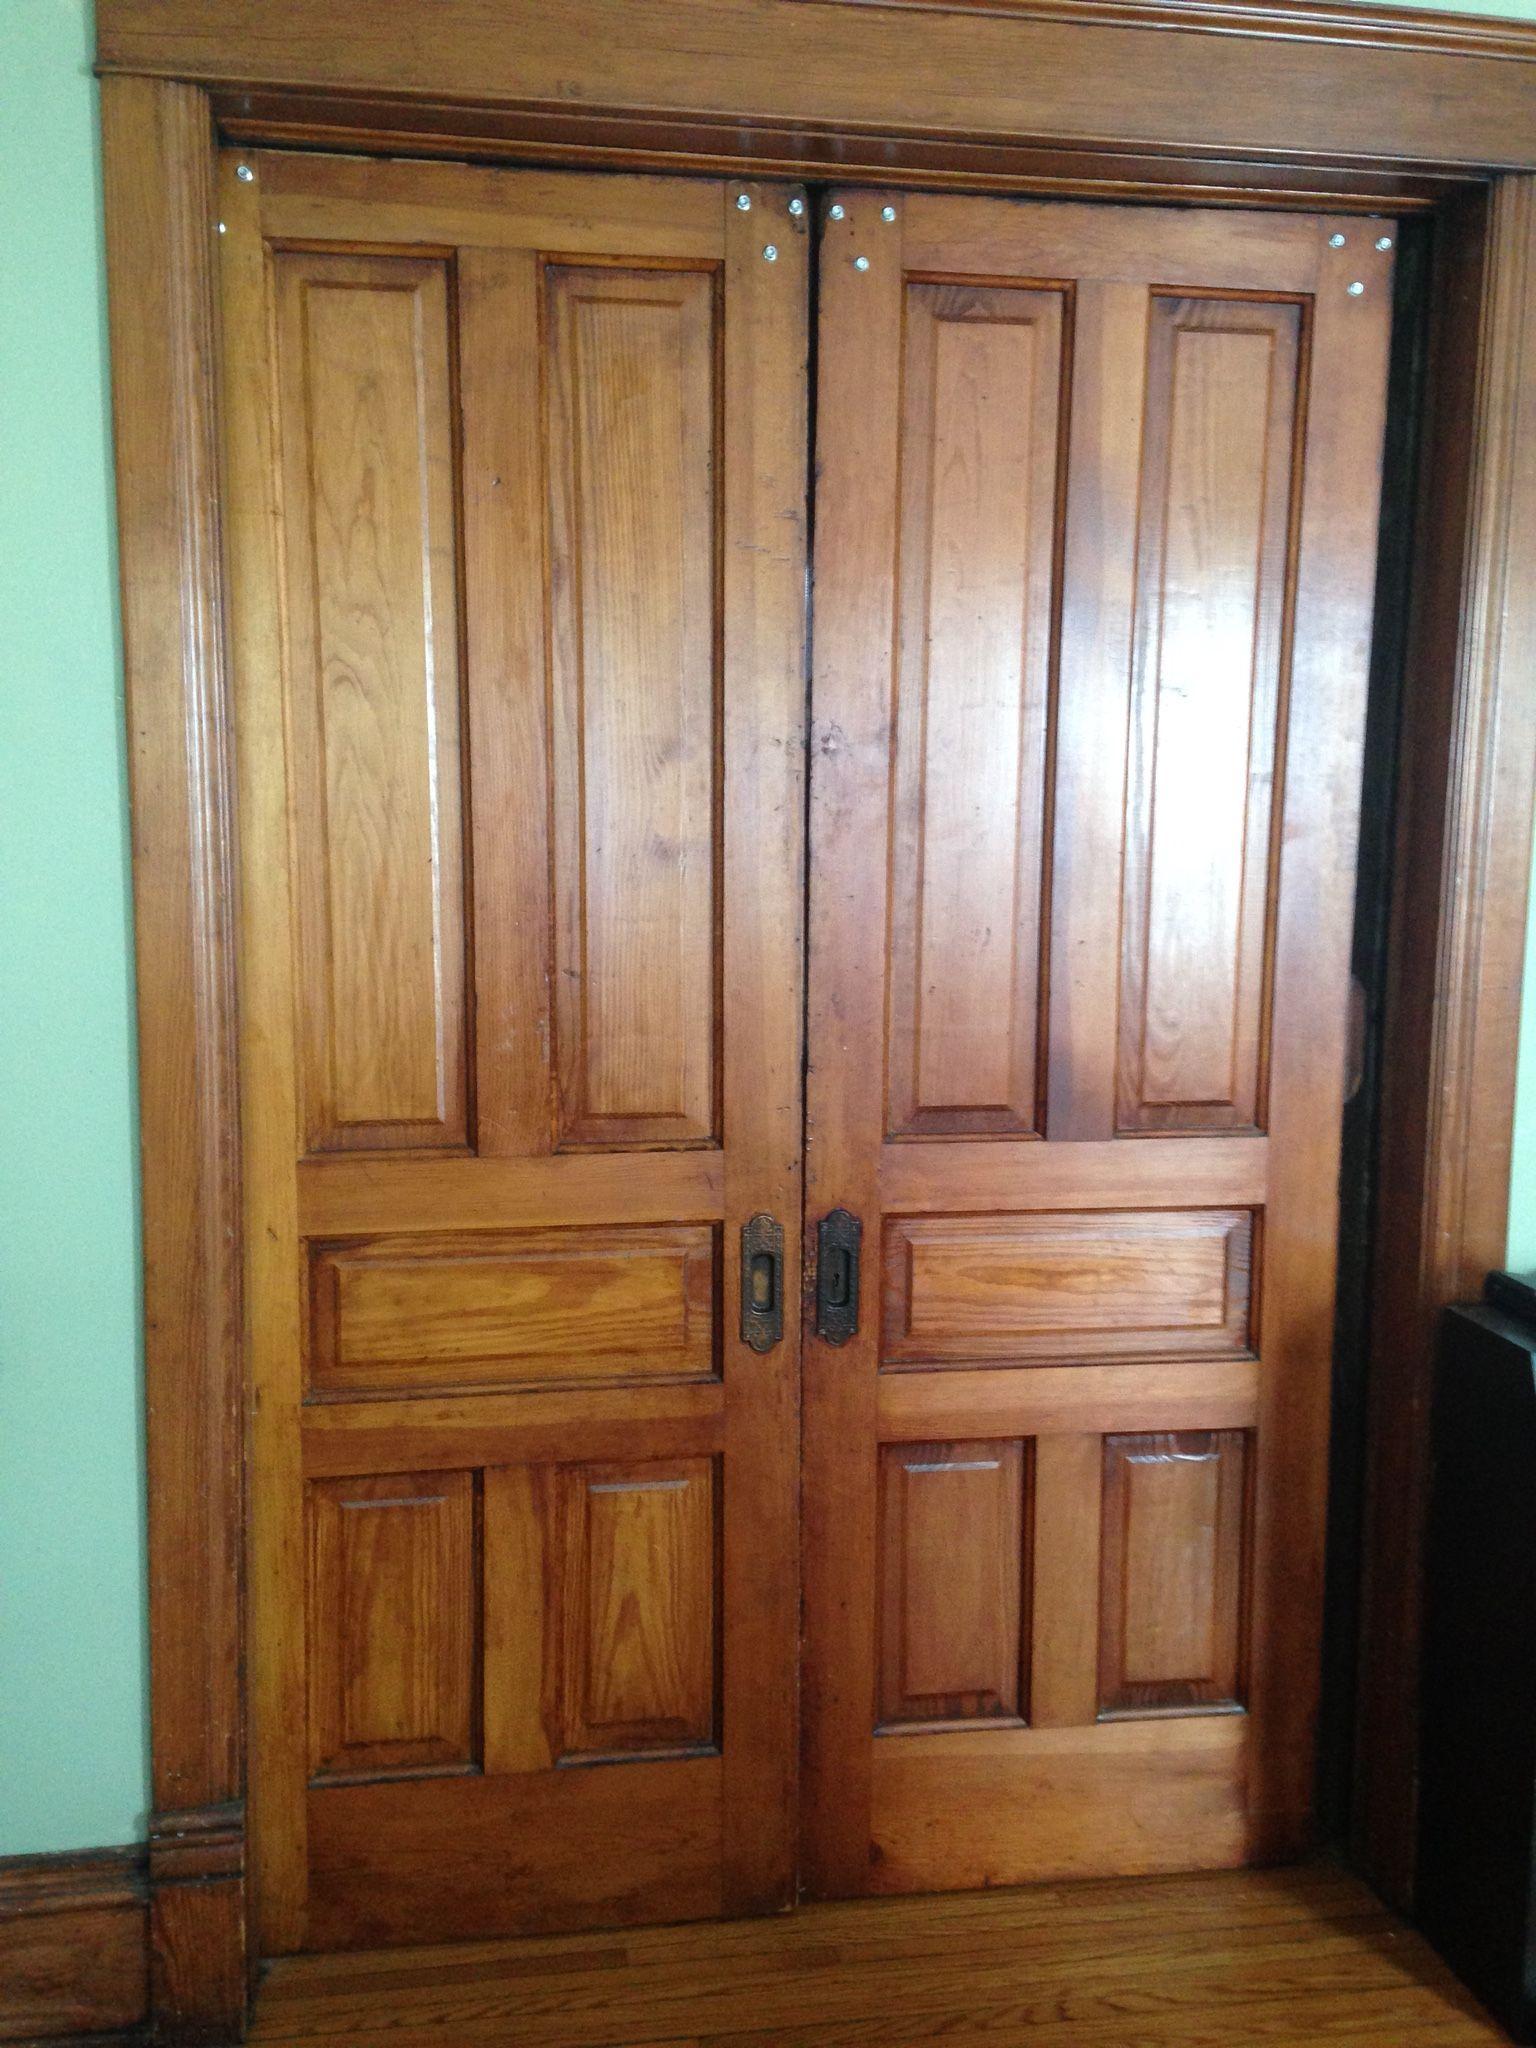 How To Repair Old Pocket Doors Pocket Doors Wood Doors